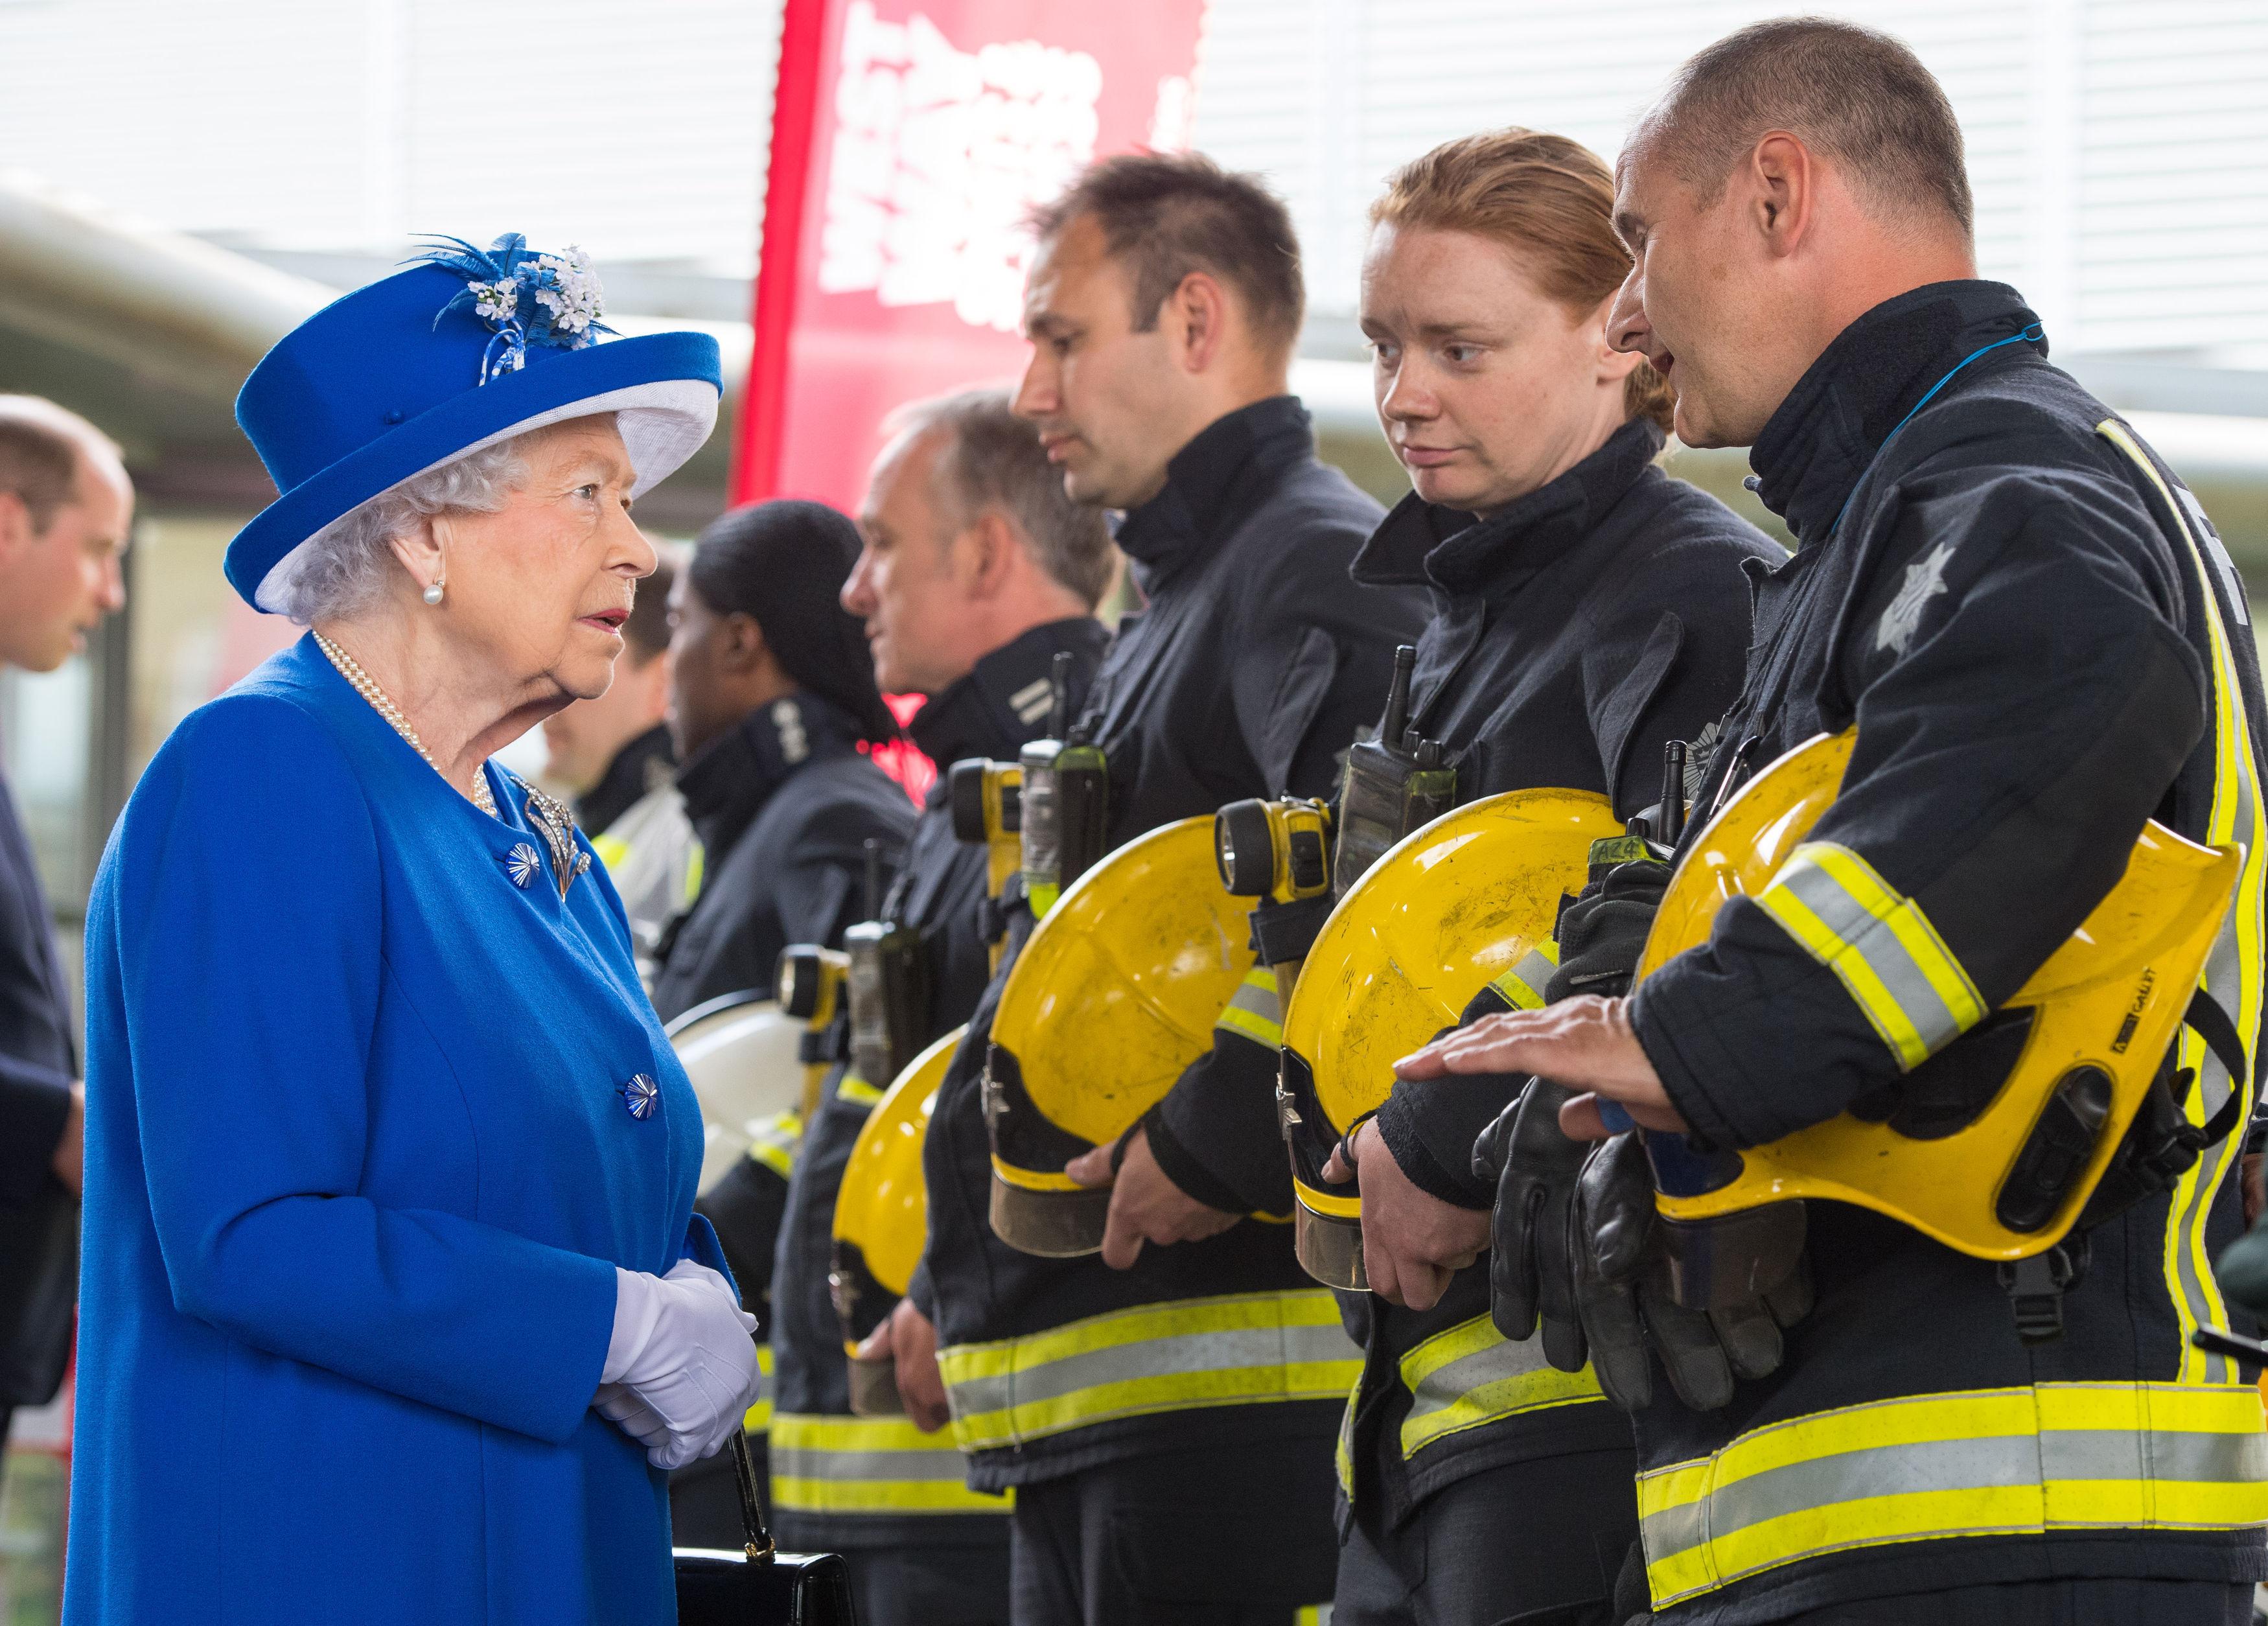 Queen Elizabeth II meets firefighters